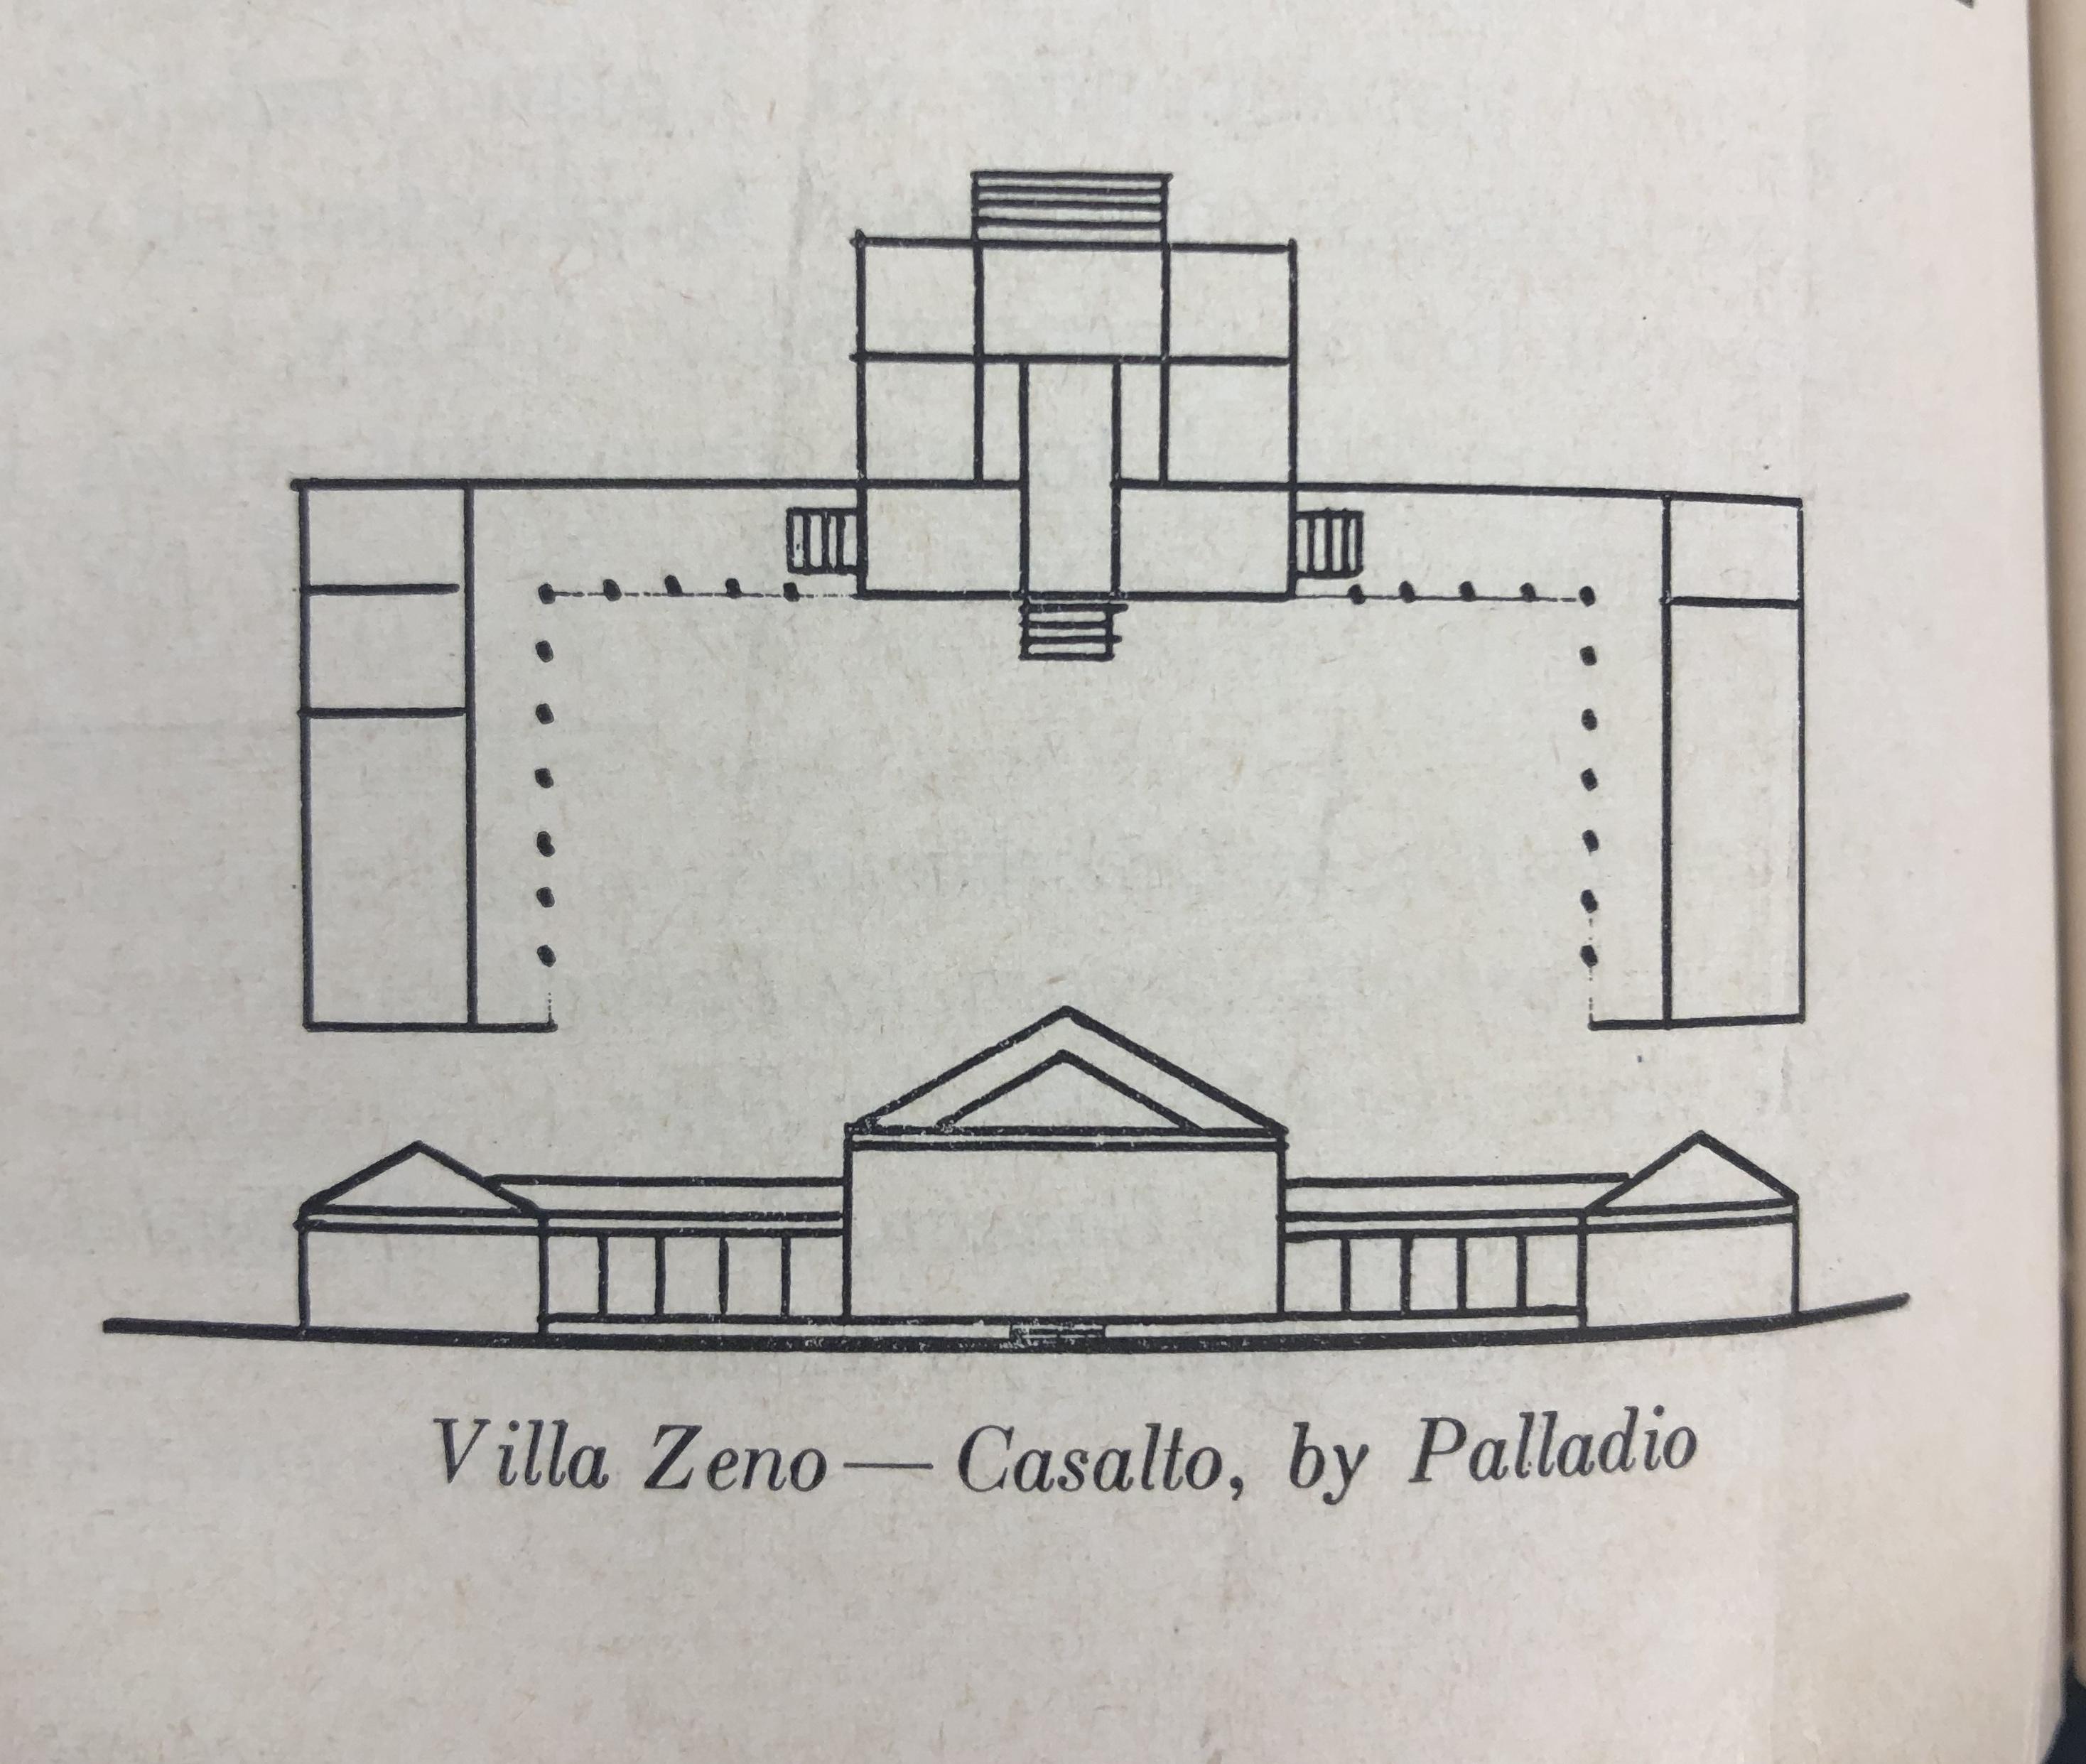 Villa Zeno - Casalto architectural plan by Palladio